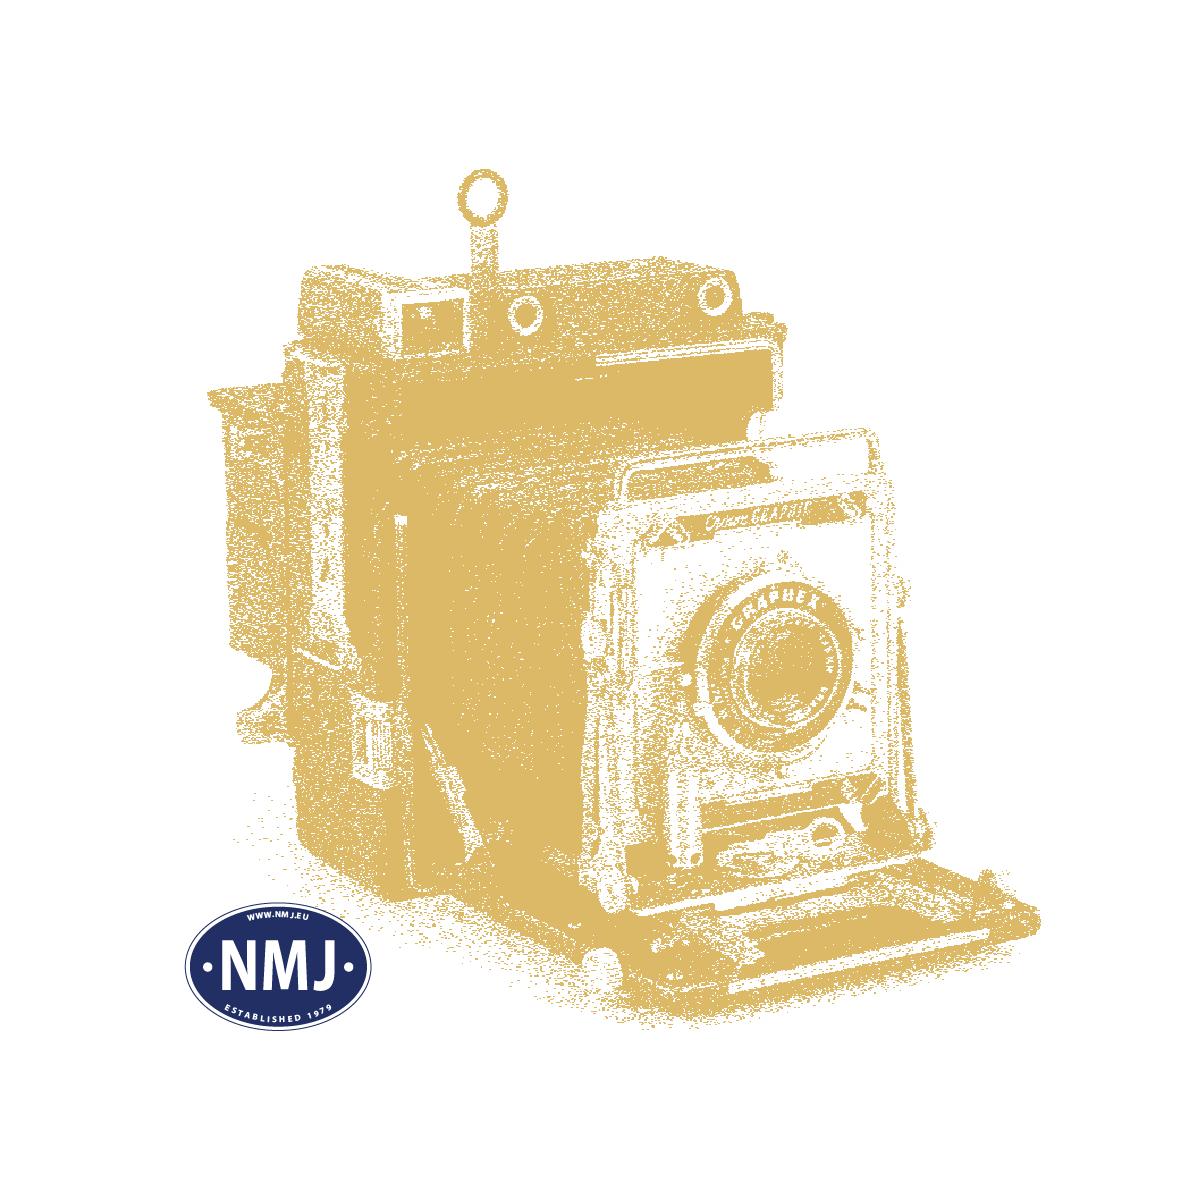 NMJ0TL4-3 - NMJ Superline NSB Om 21 76 361 0572-9, 0-Scala